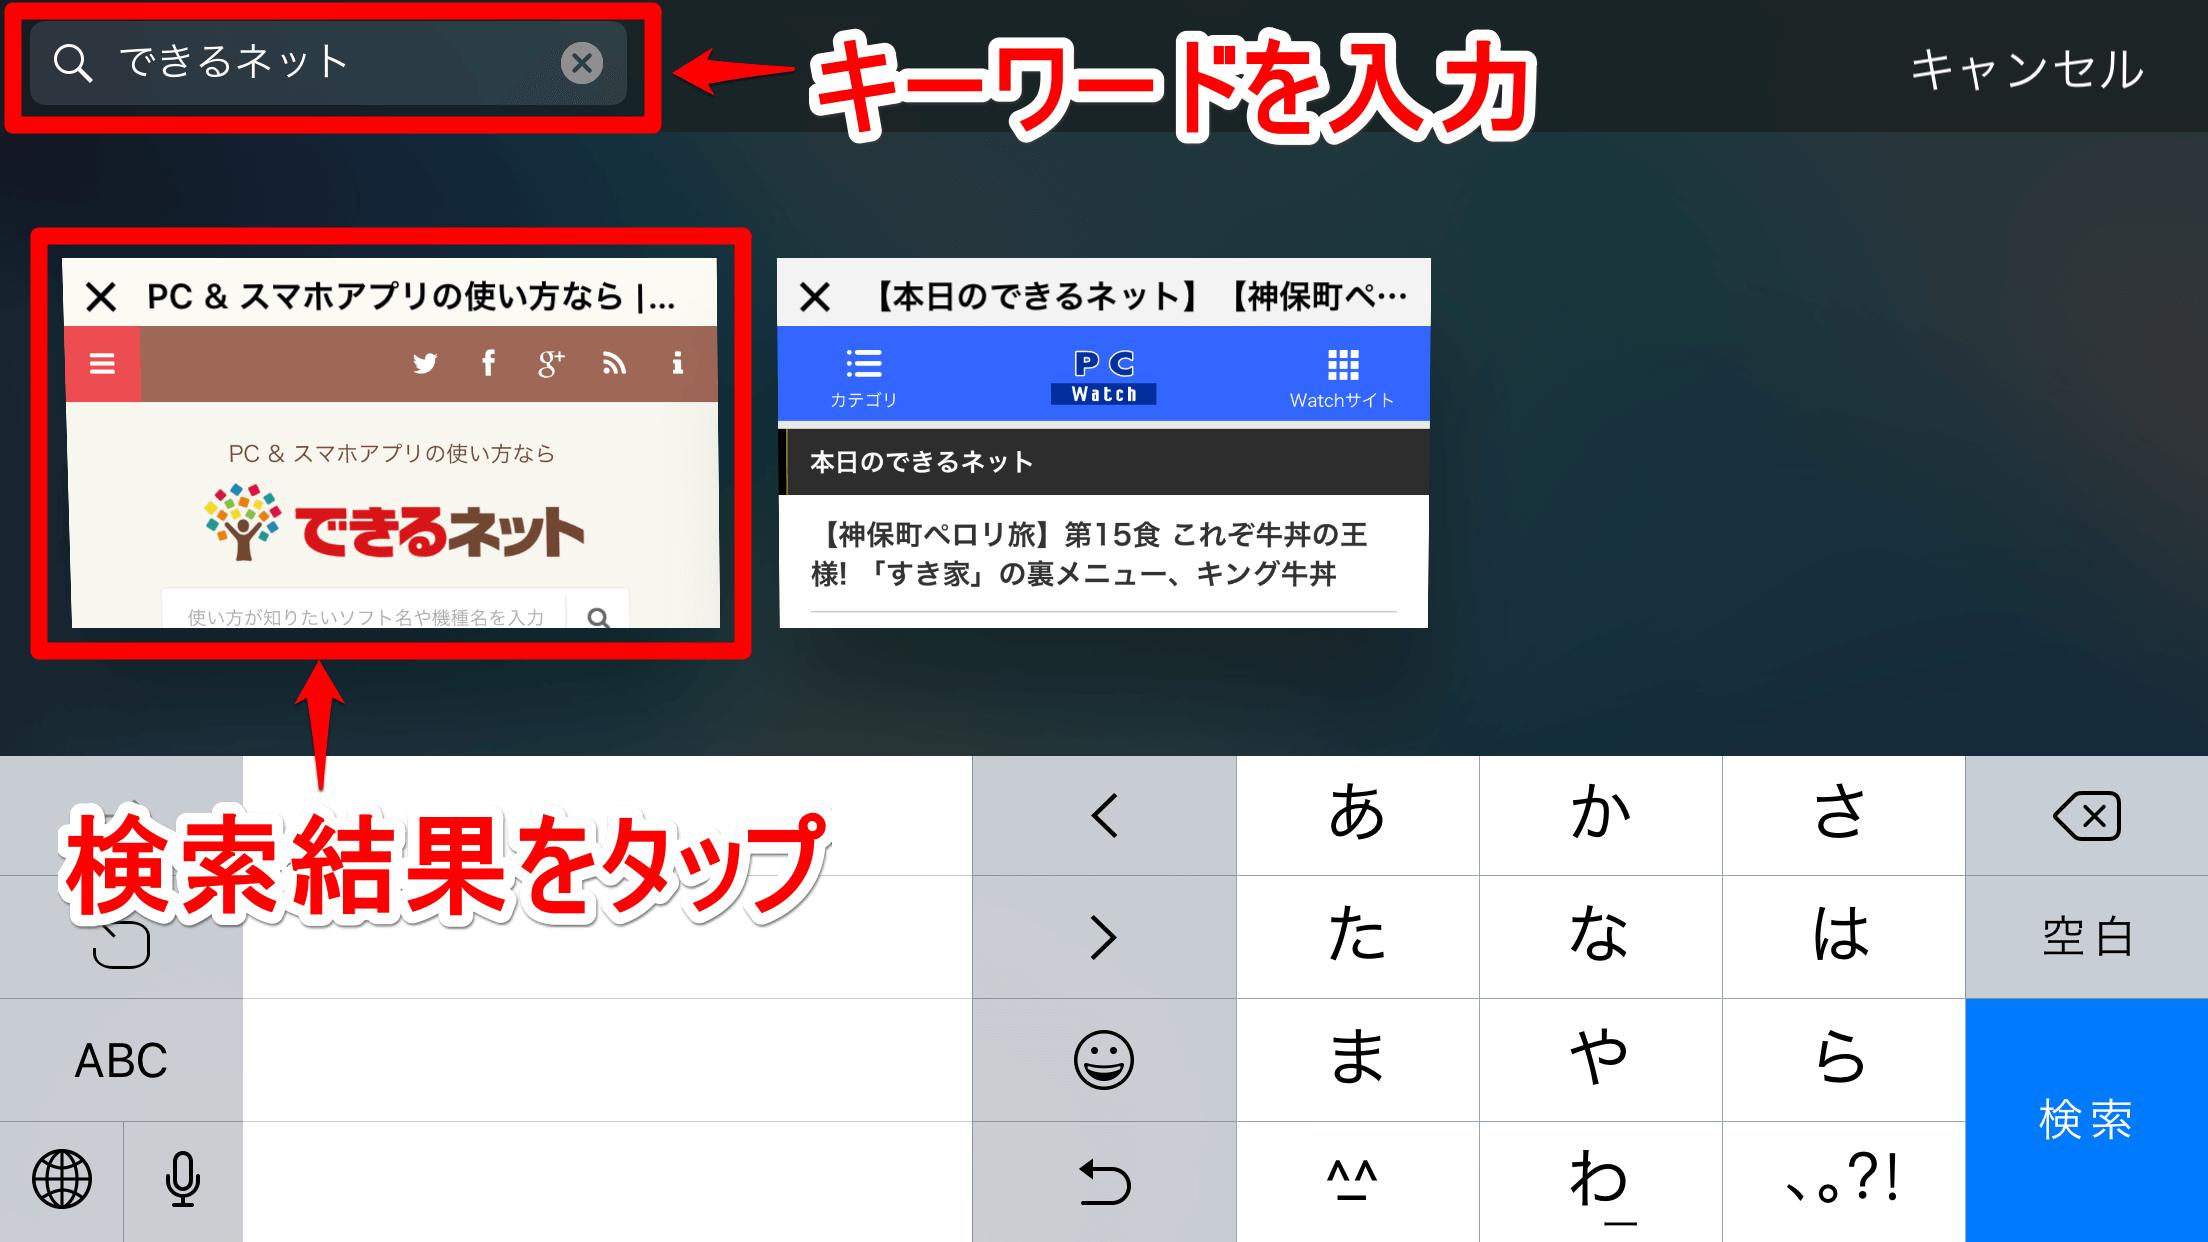 iPhoneのSafariのタブ一覧画面(ランドスケープモード)で検索ボックスをタップ